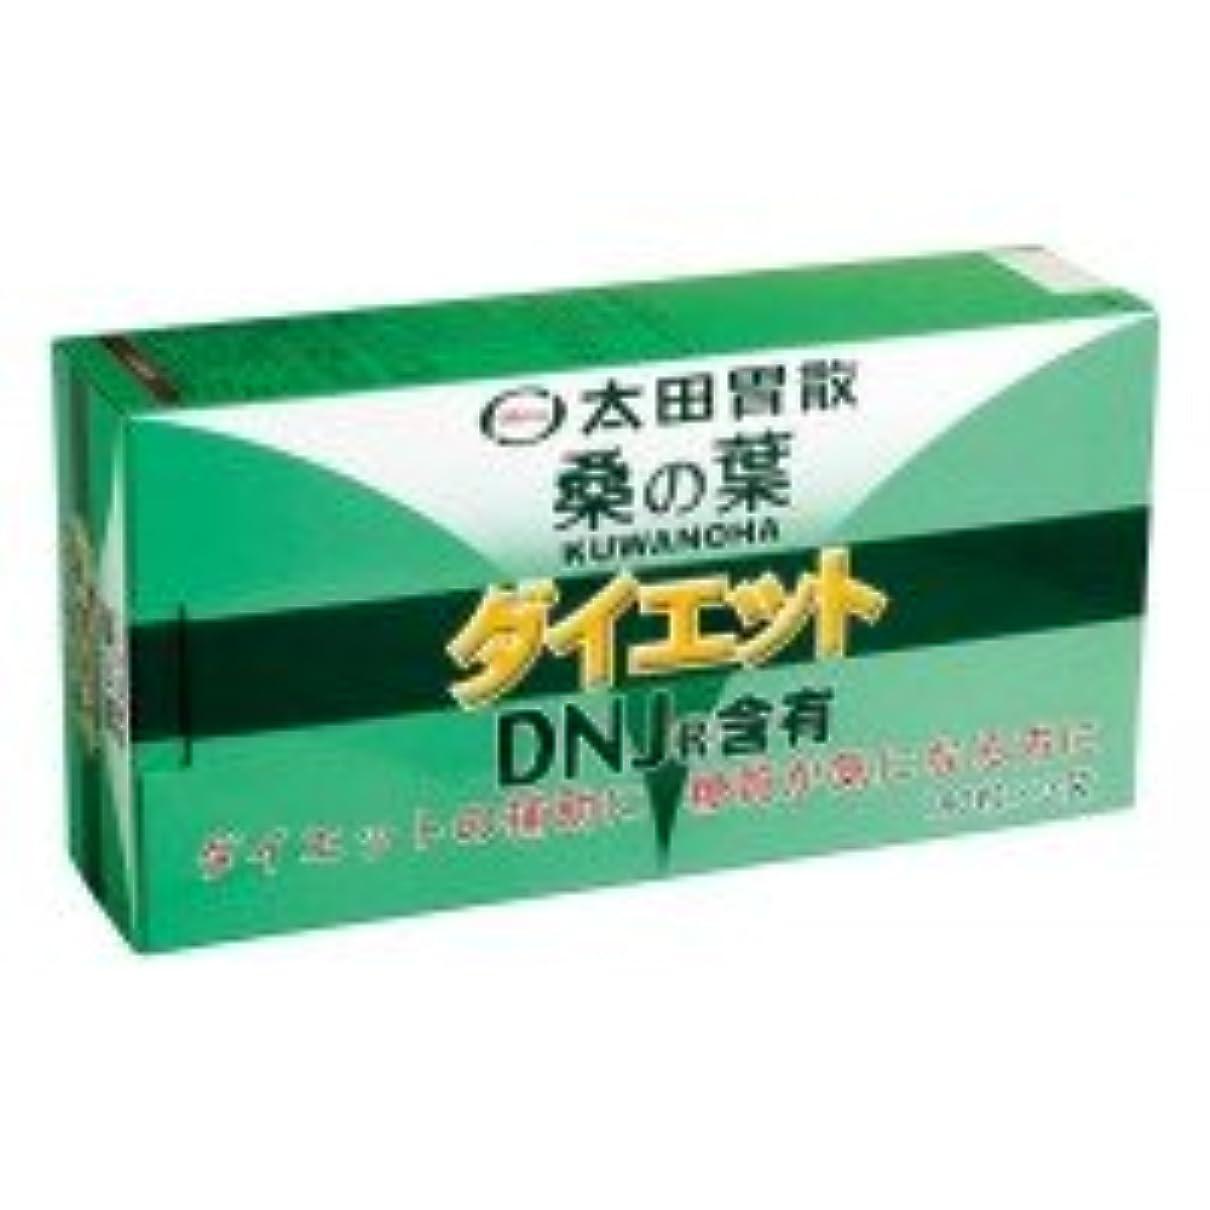 落ち着いて中央値消毒する太田胃散 桑の葉ダイエット 540粒